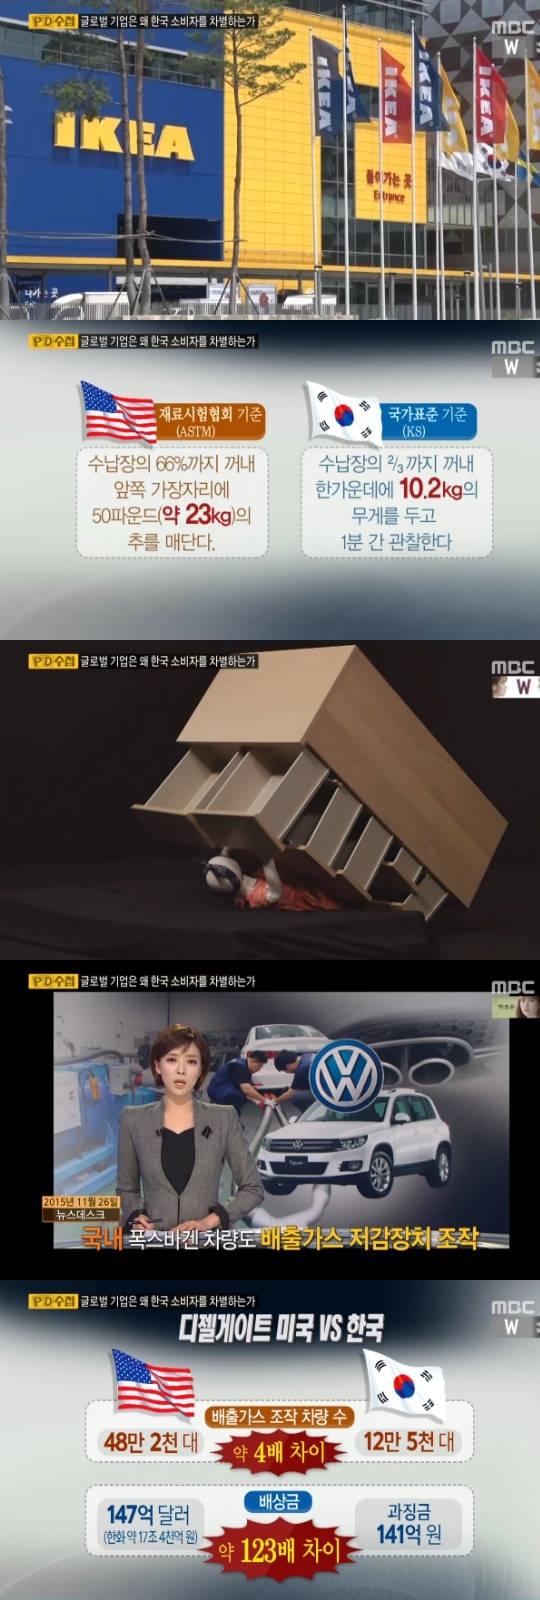 'PD수첩' 이케아, 폭스바겐 / 사진=MBC방송화면 캡처